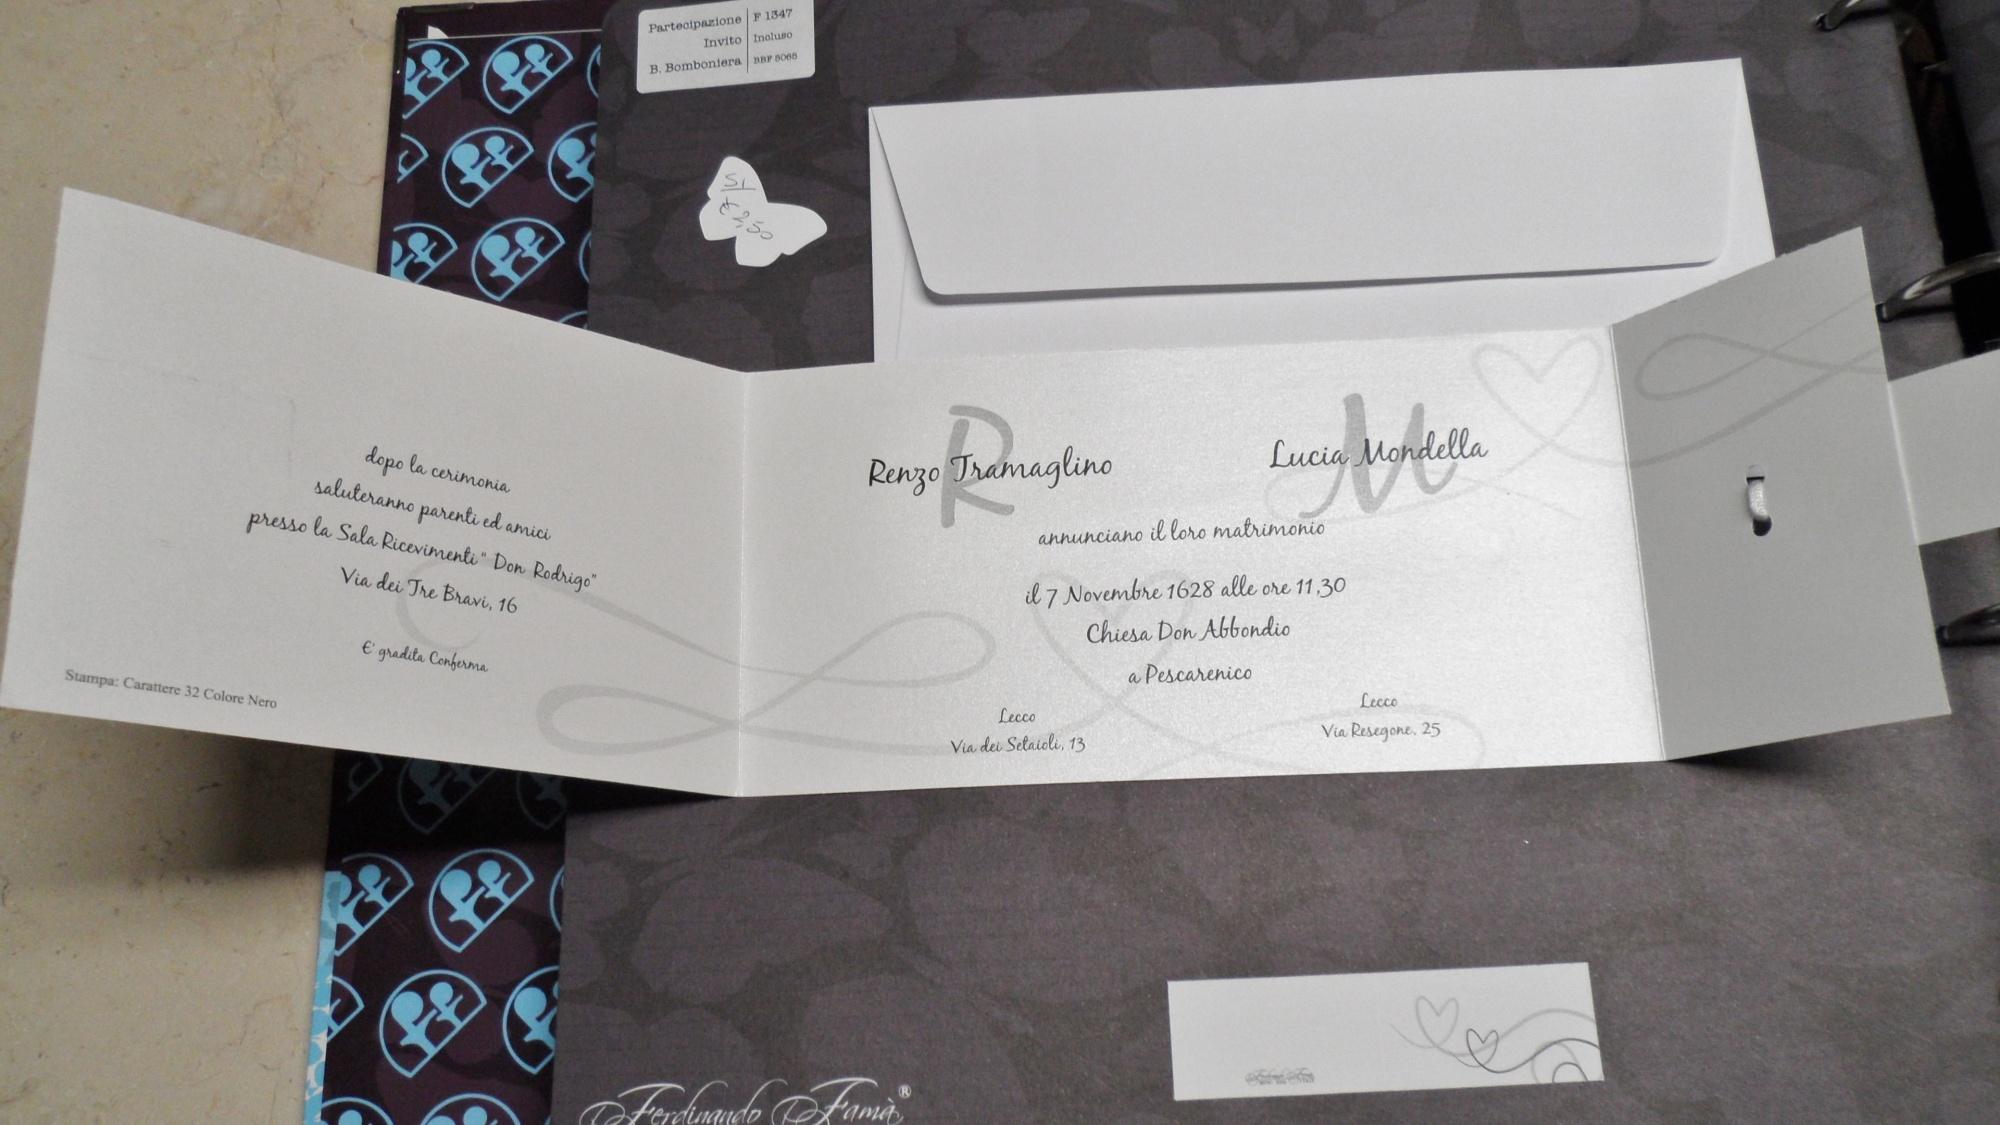 Partecipazioni Matrimonio Economiche 1 Euro.Partecipazioni Nozze 2018 Originali Eleganti Spiritose